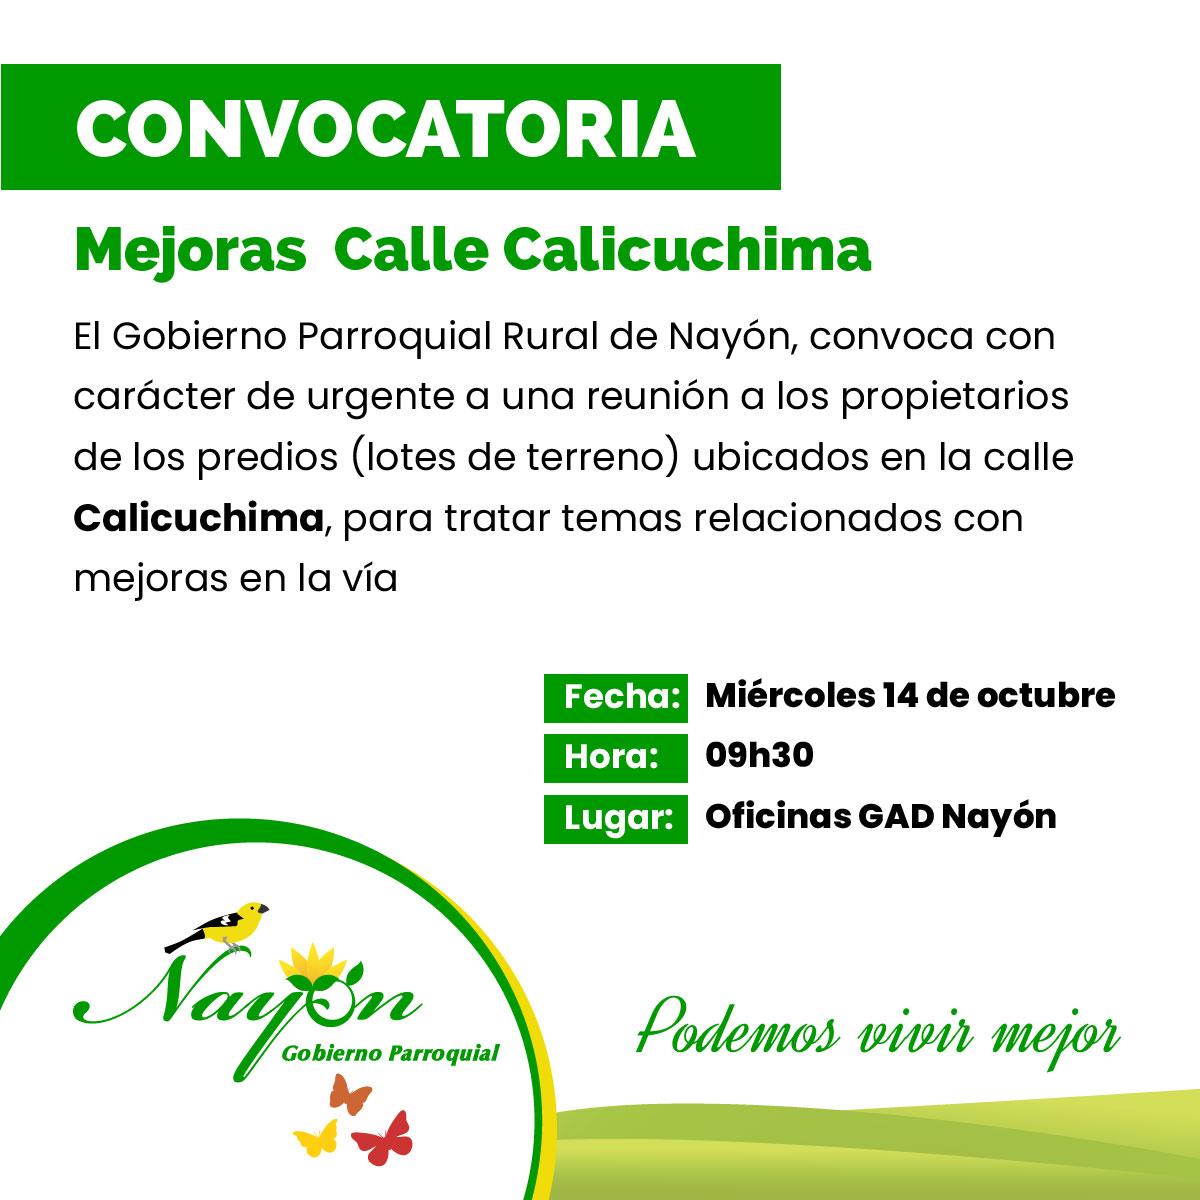 Convocatoria - Mejoras en la Vía Calicuchima